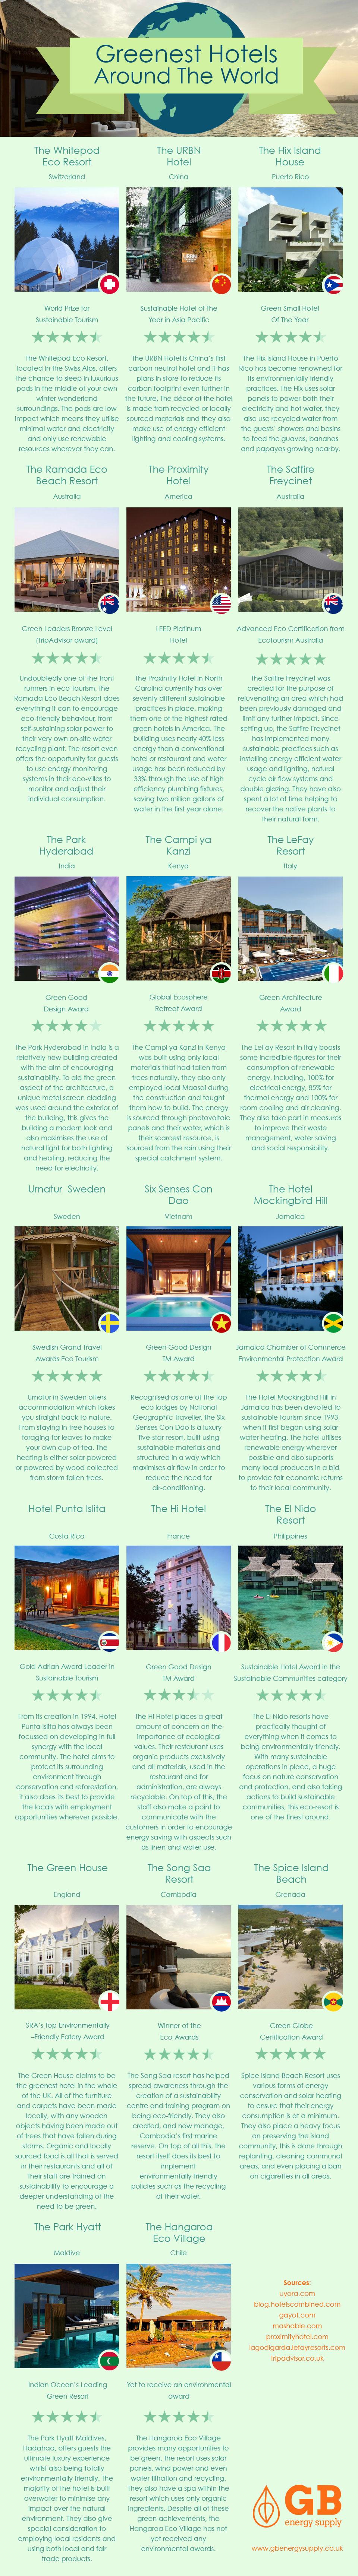 Greenest Hotels Greenest Hotels Around the World